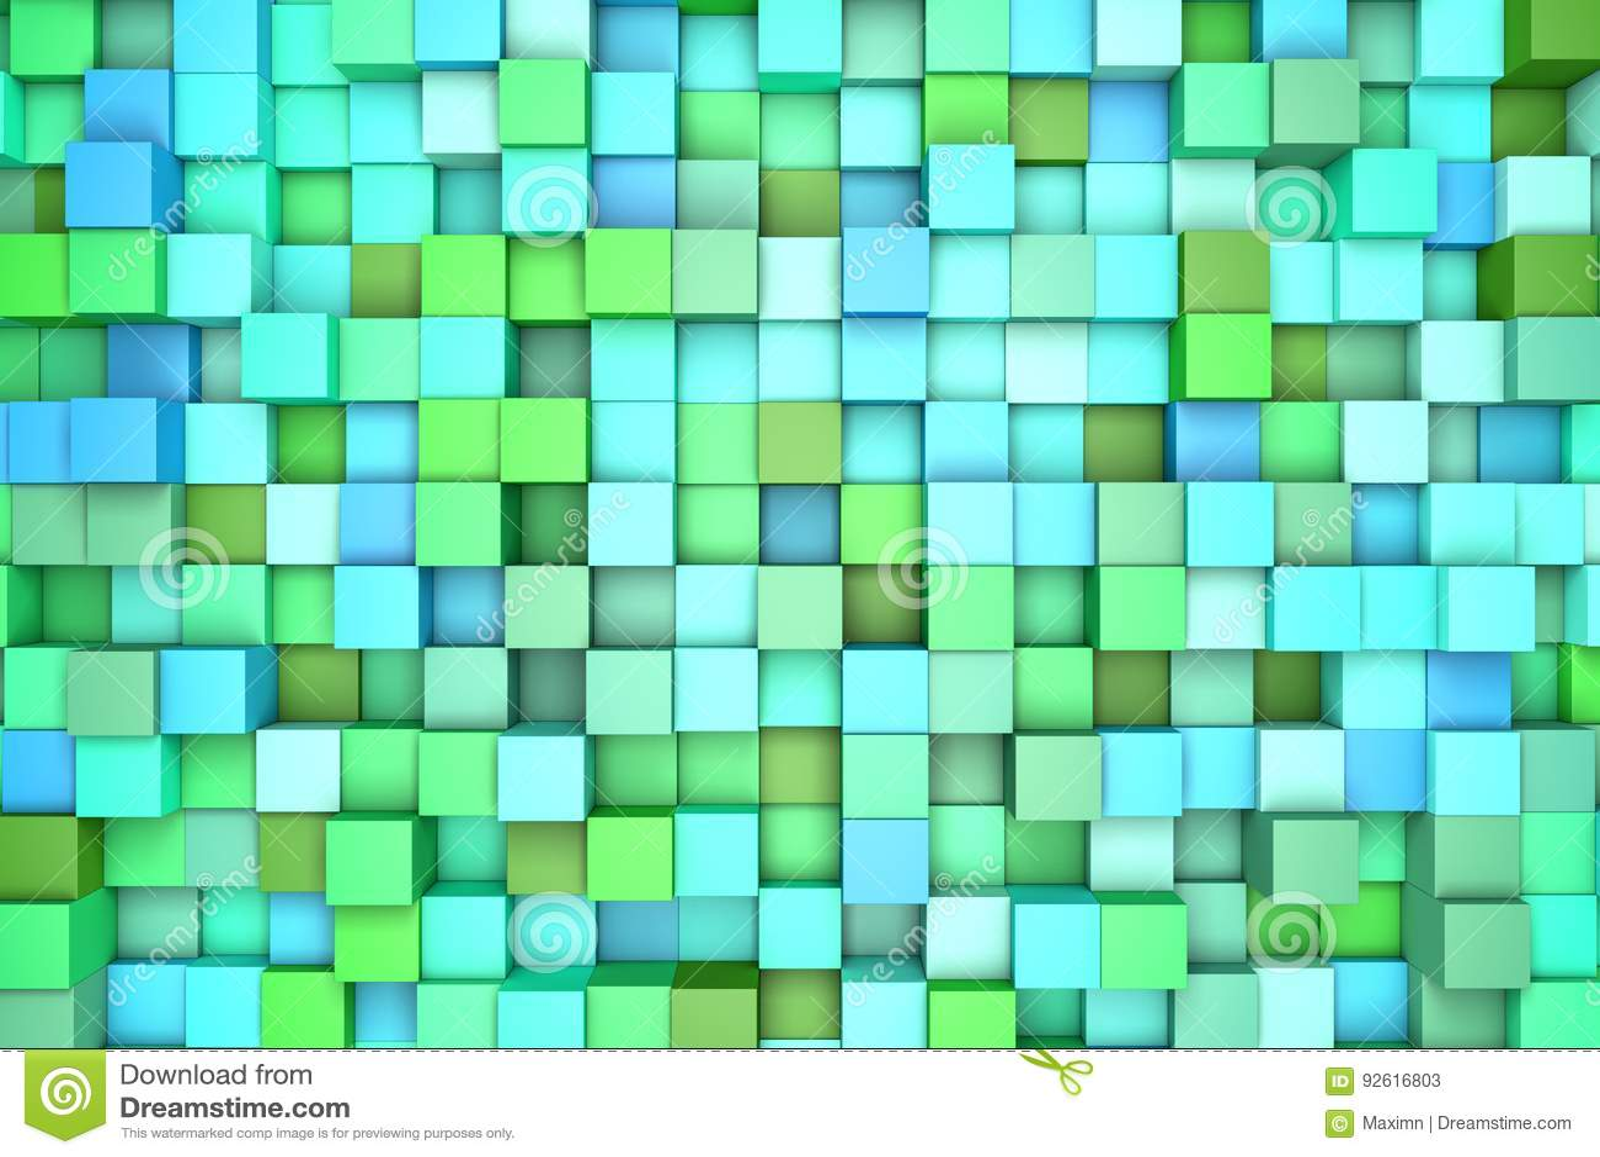 Couleur Vert Bleu